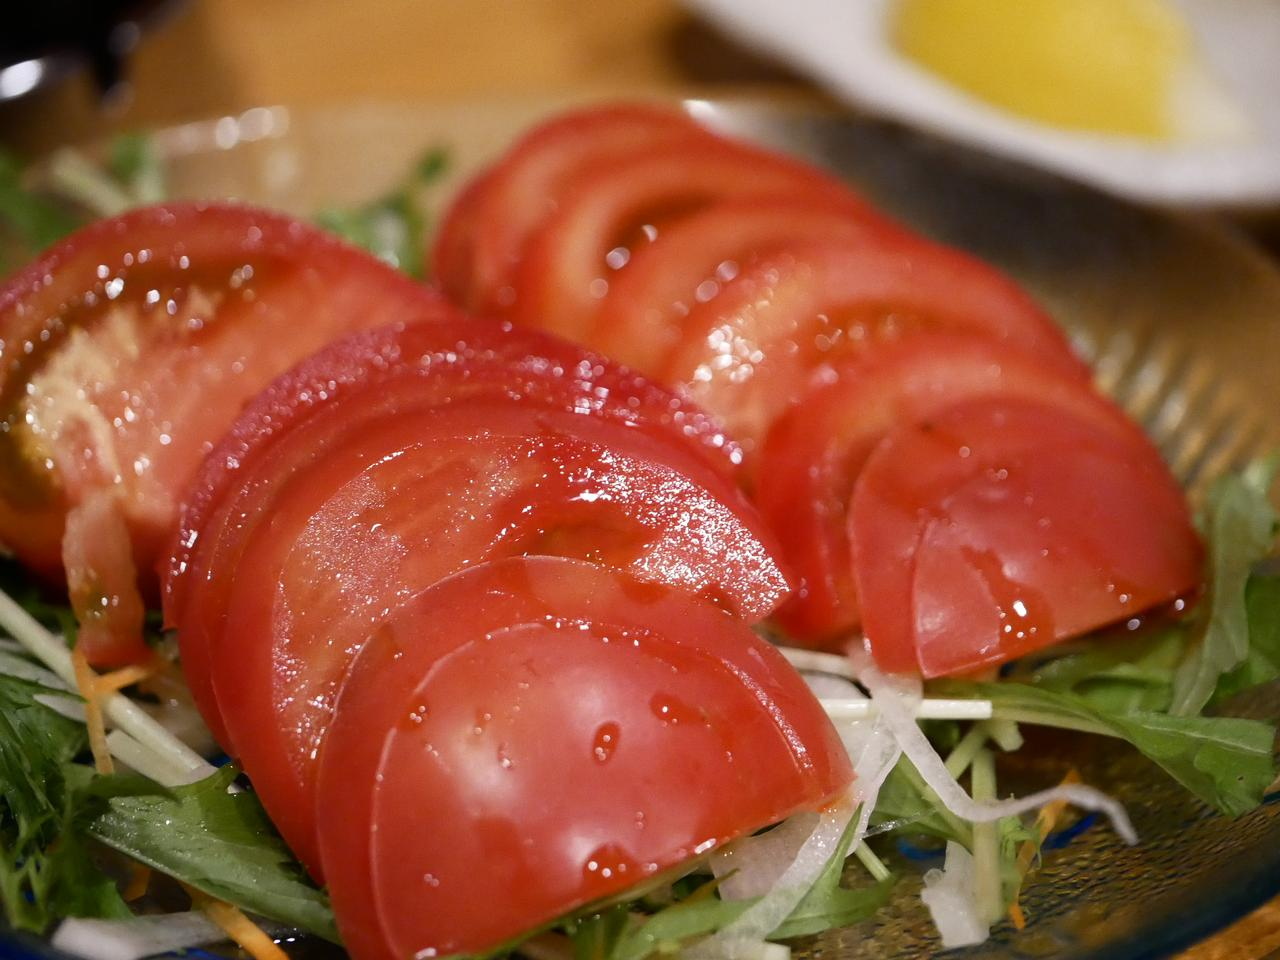 画像: 大人は野菜から。トマトが瑞々しい感じに撮れたような。これは大きめにアップ。